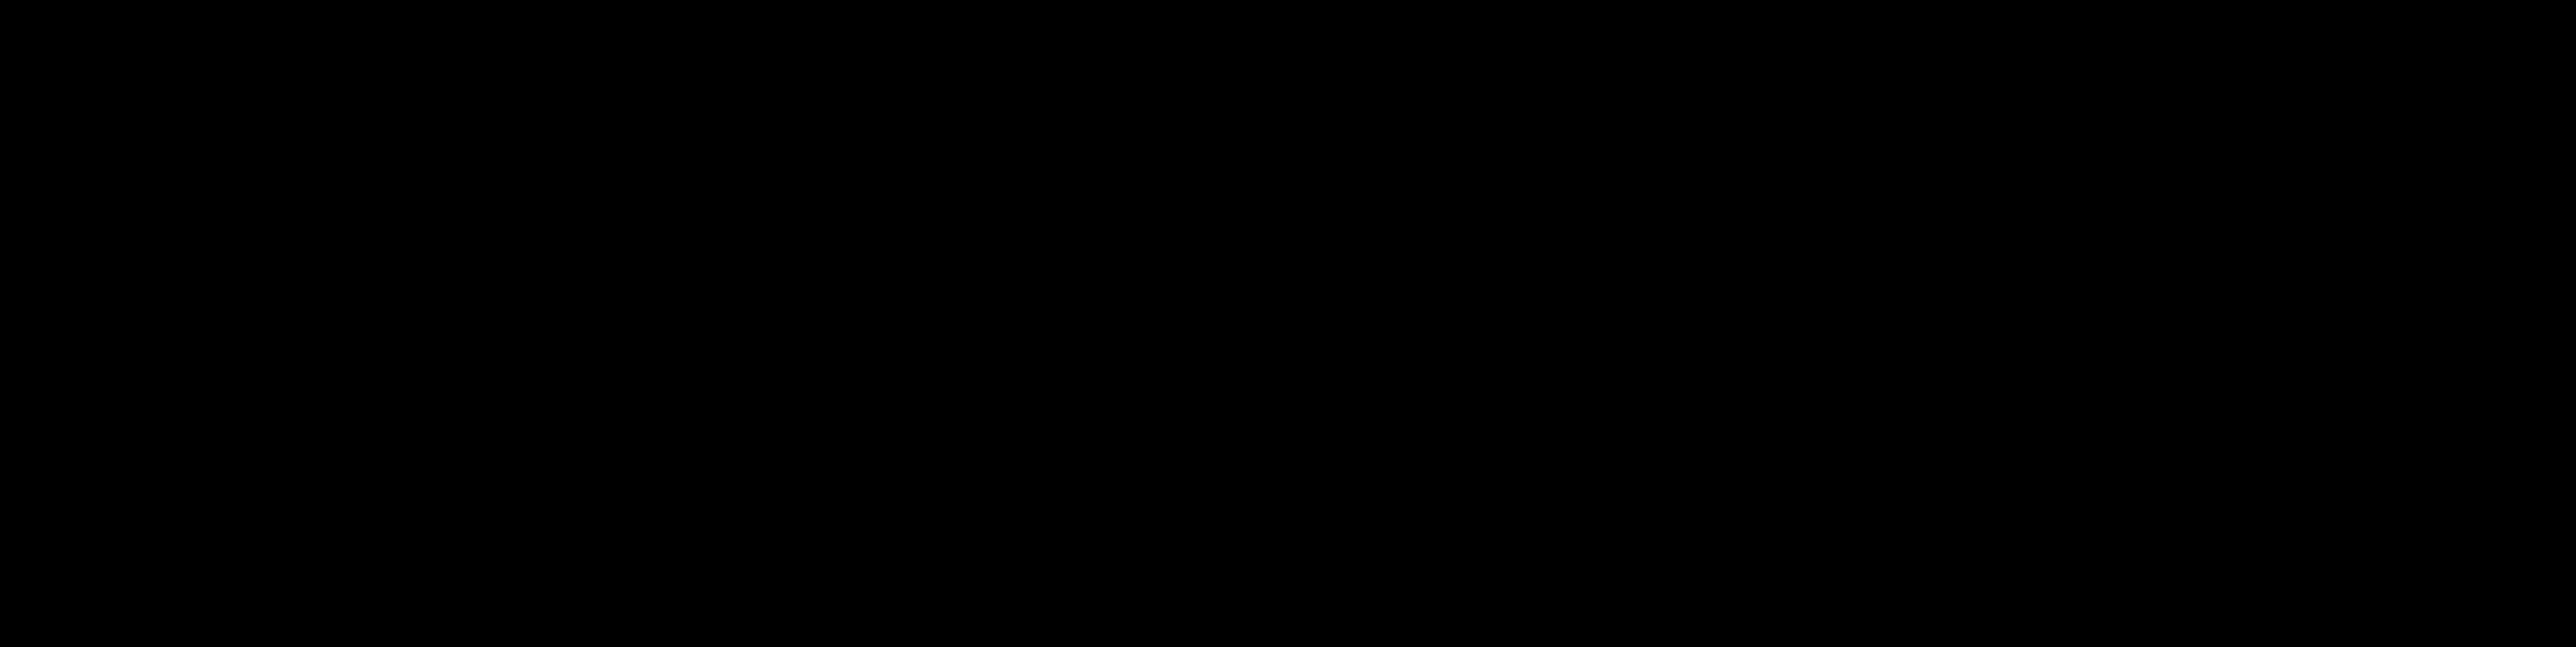 Banco Central Do Brasil Logos Download